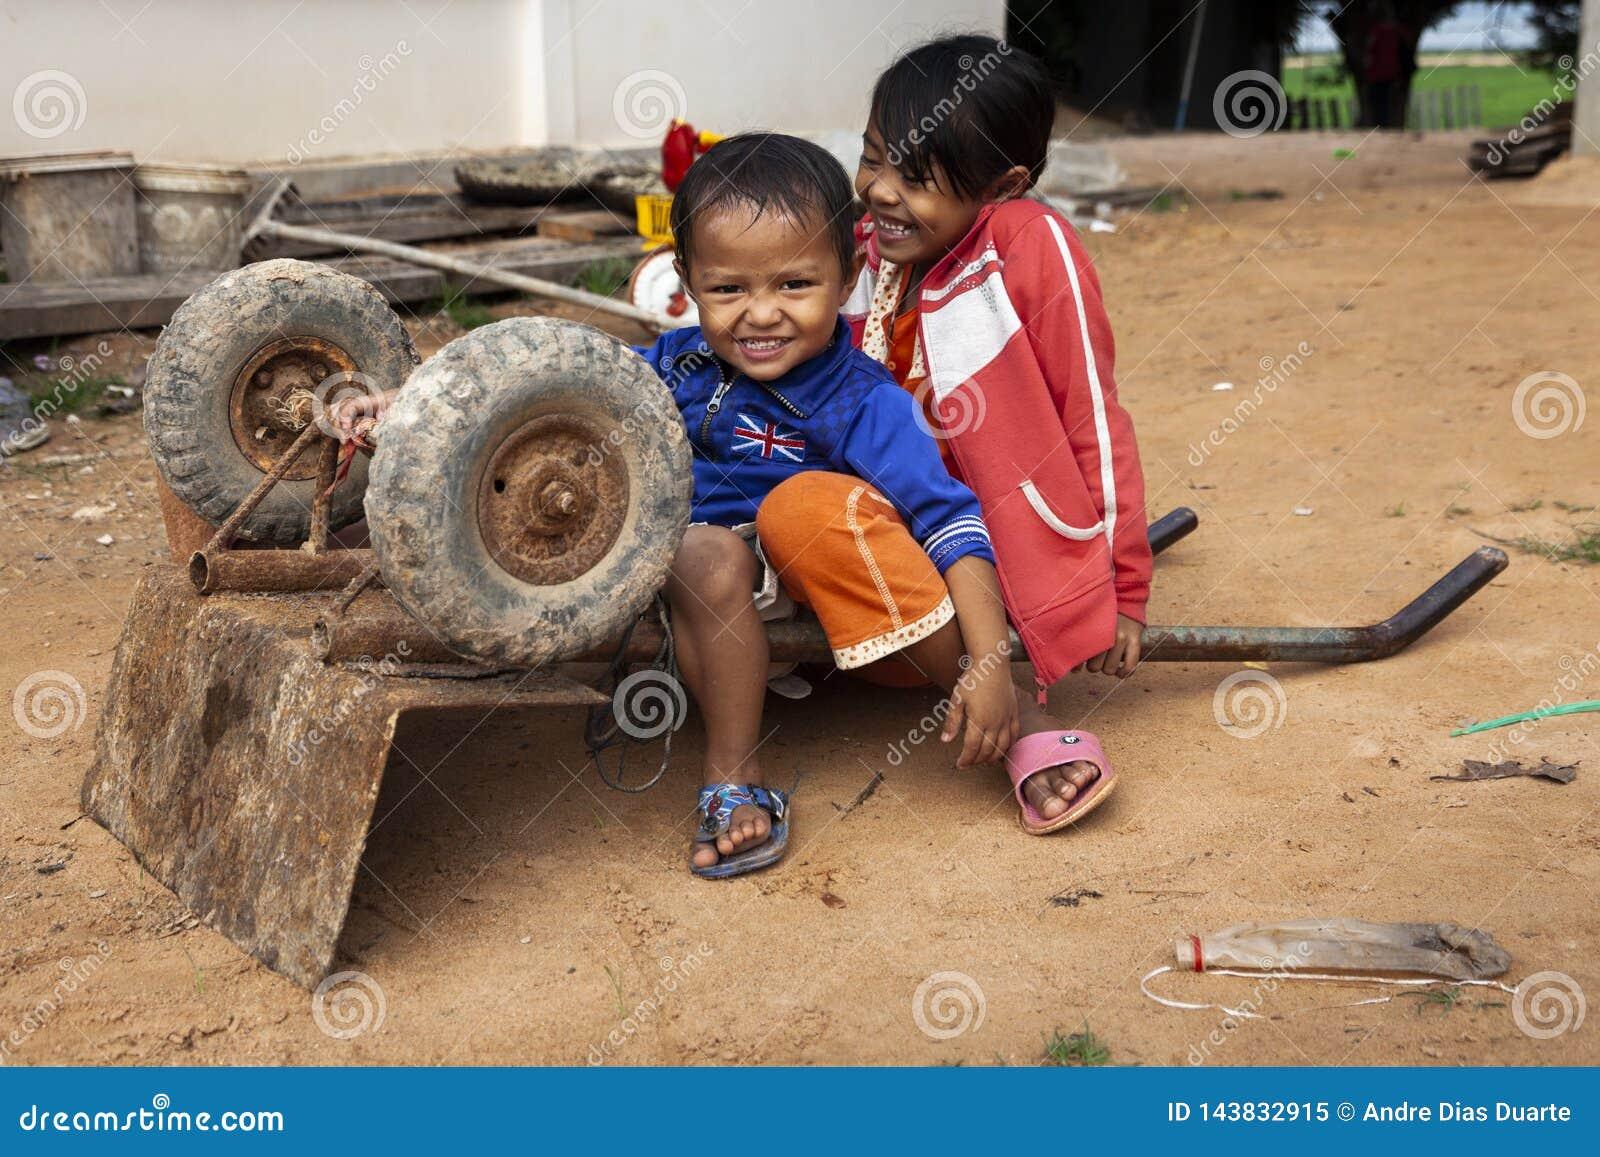 Dos niños que juegan con una carretilla